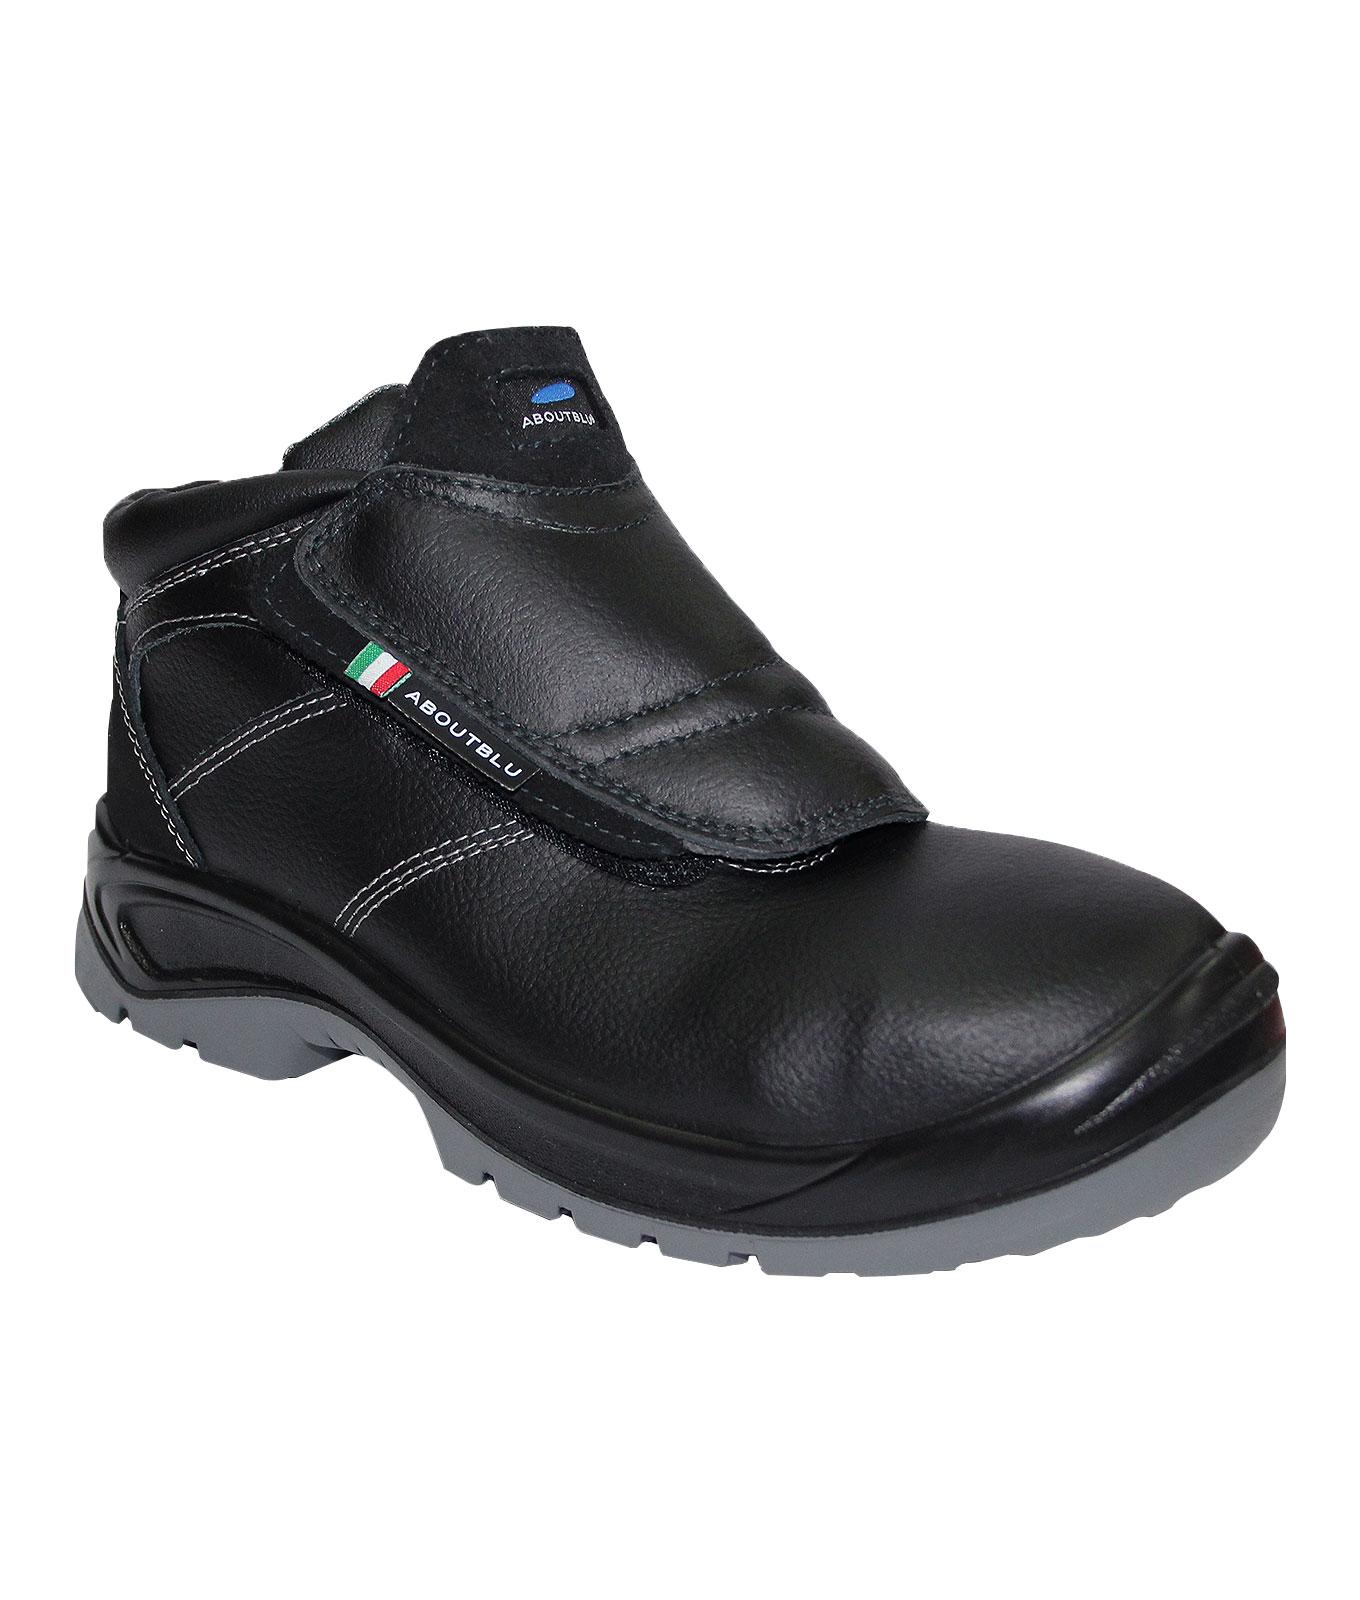 Παπούτσι ηλεκτρολόγων URAGANO S3